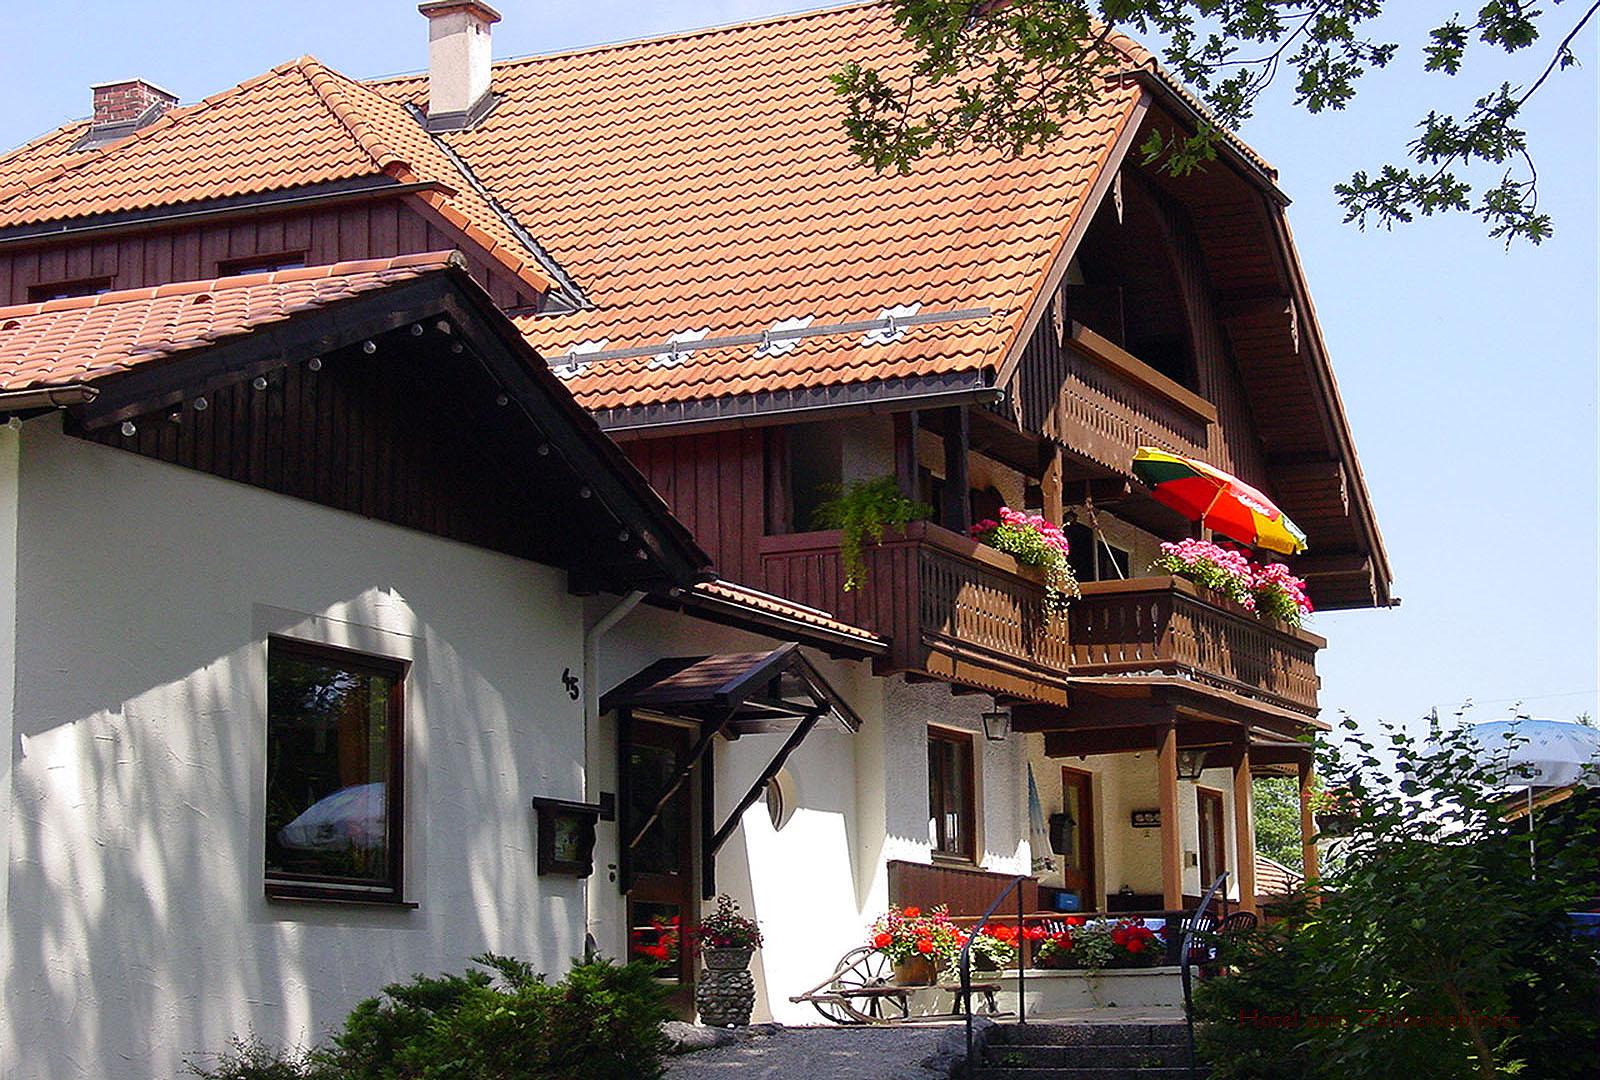 Eingang Hotel zum Zauberkabinett